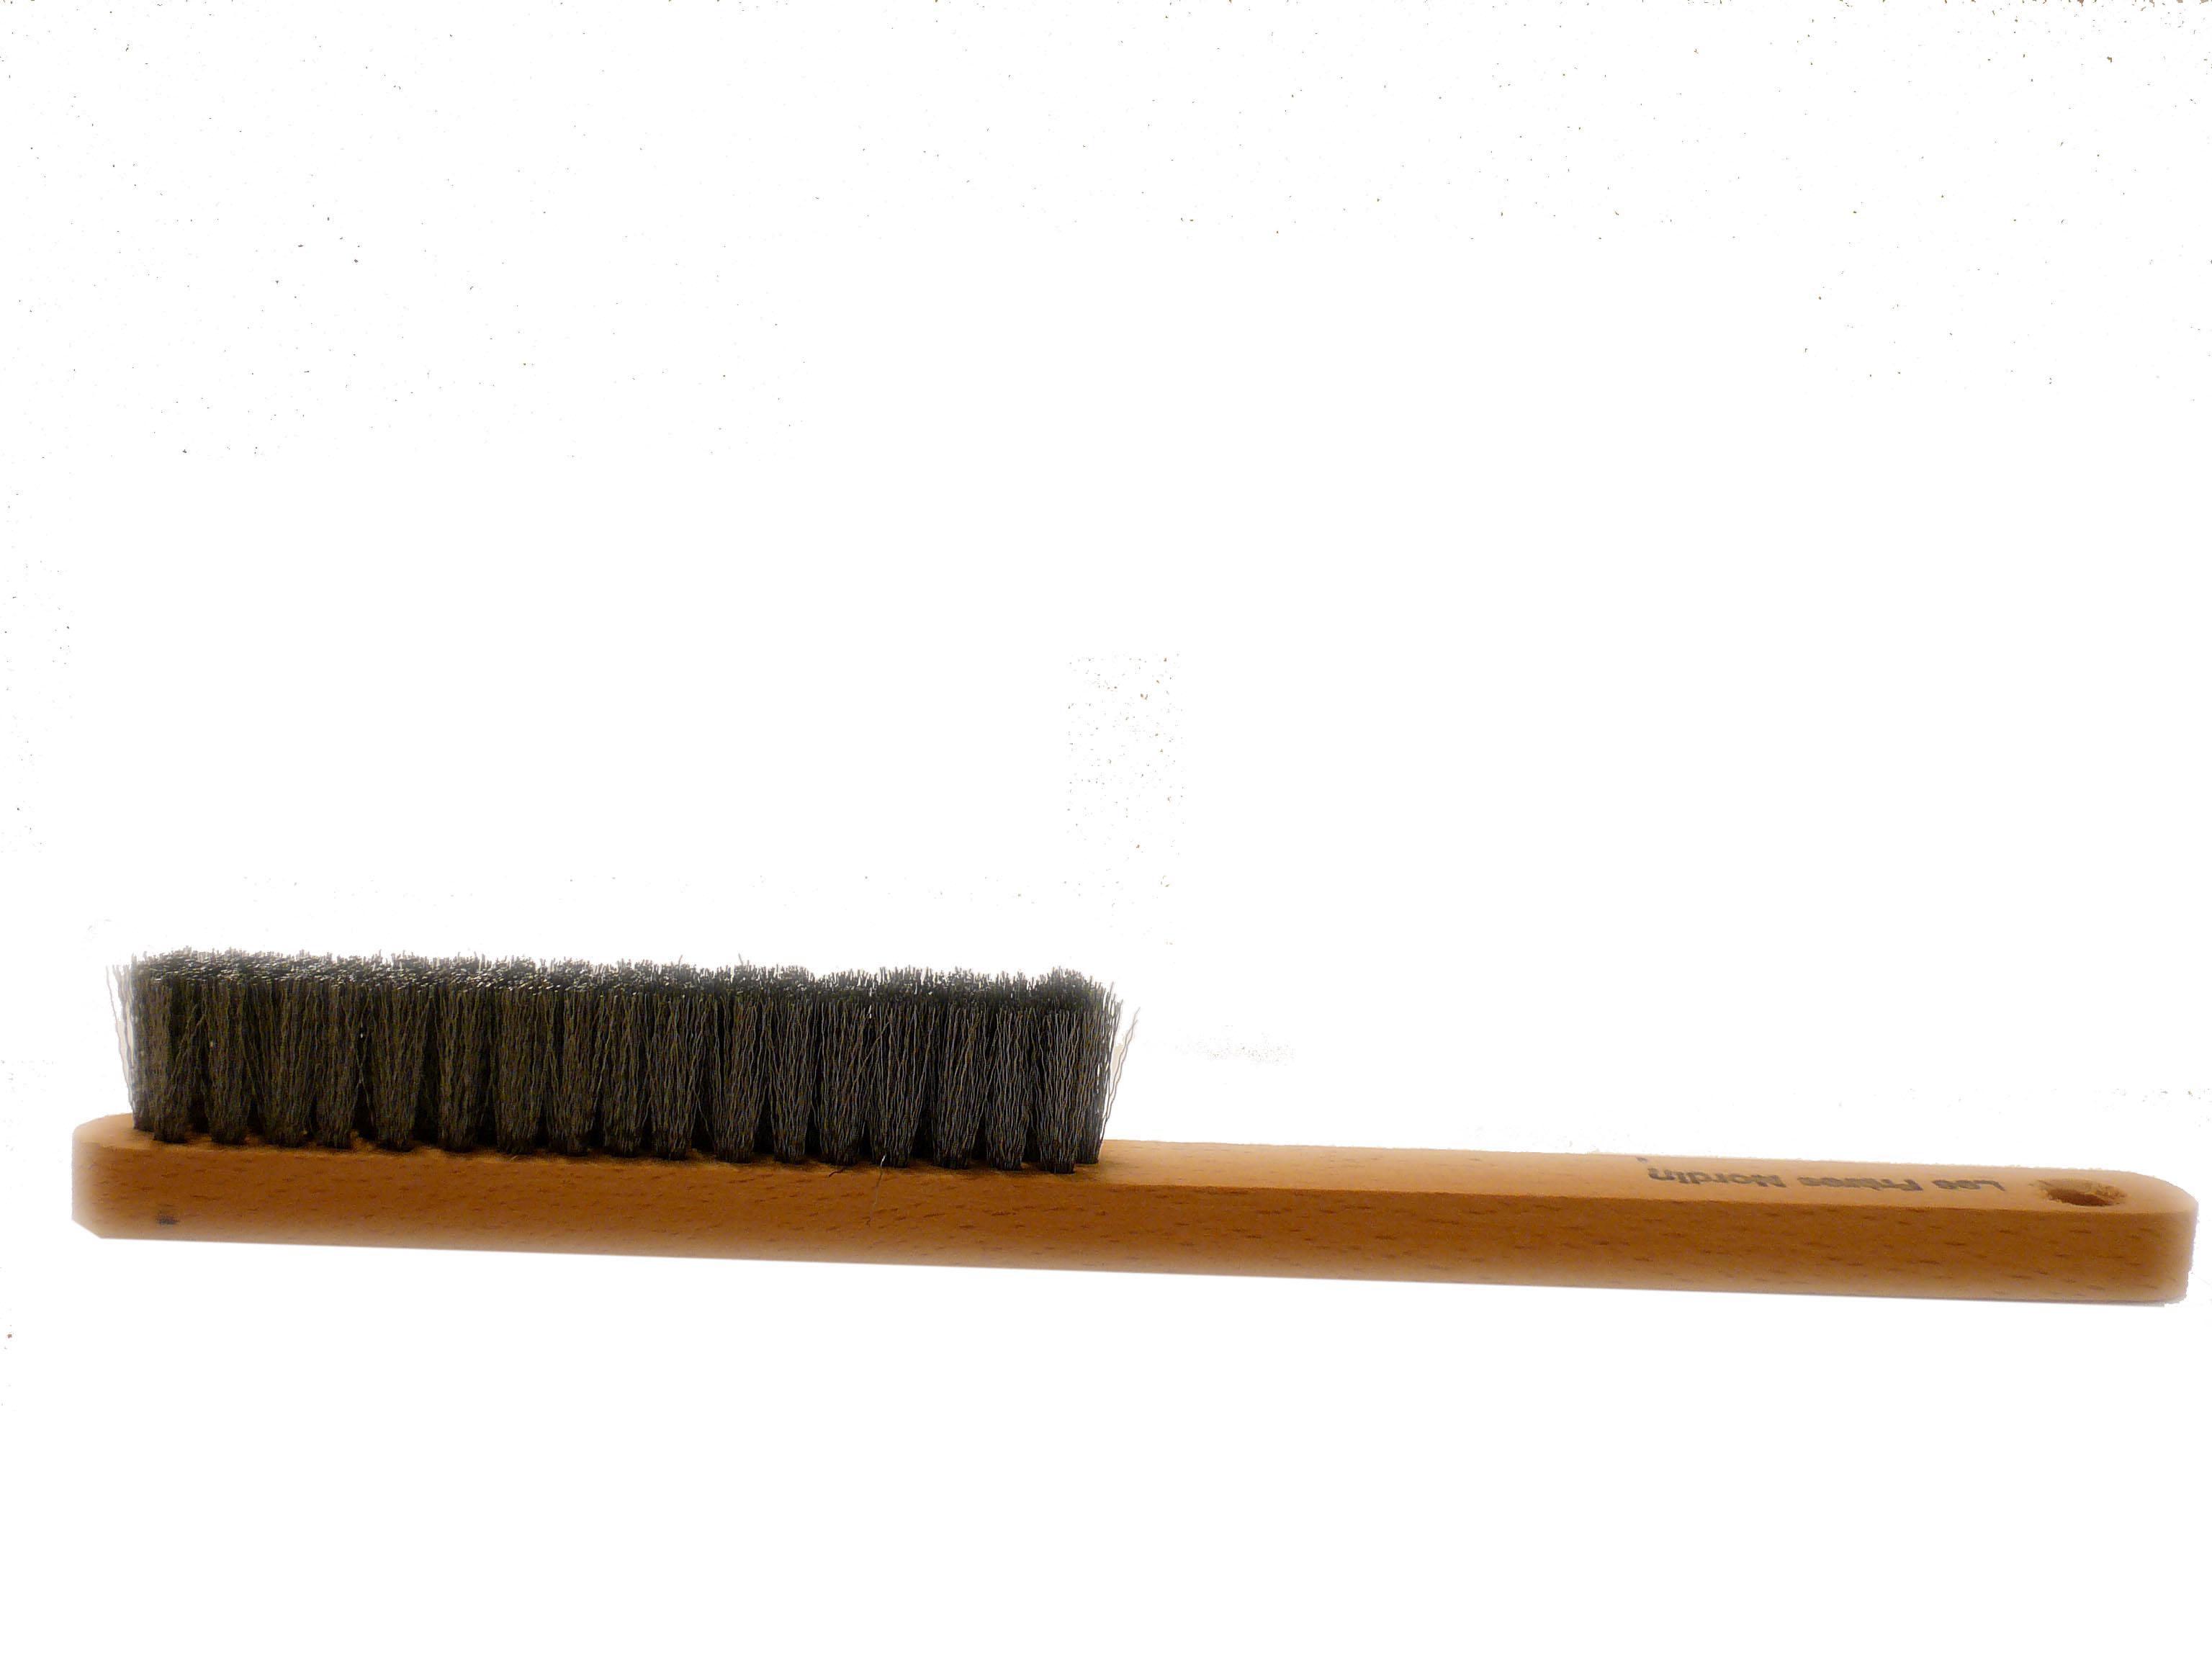 brosse manche pour d caper bois durs 1 atelier conseils. Black Bedroom Furniture Sets. Home Design Ideas